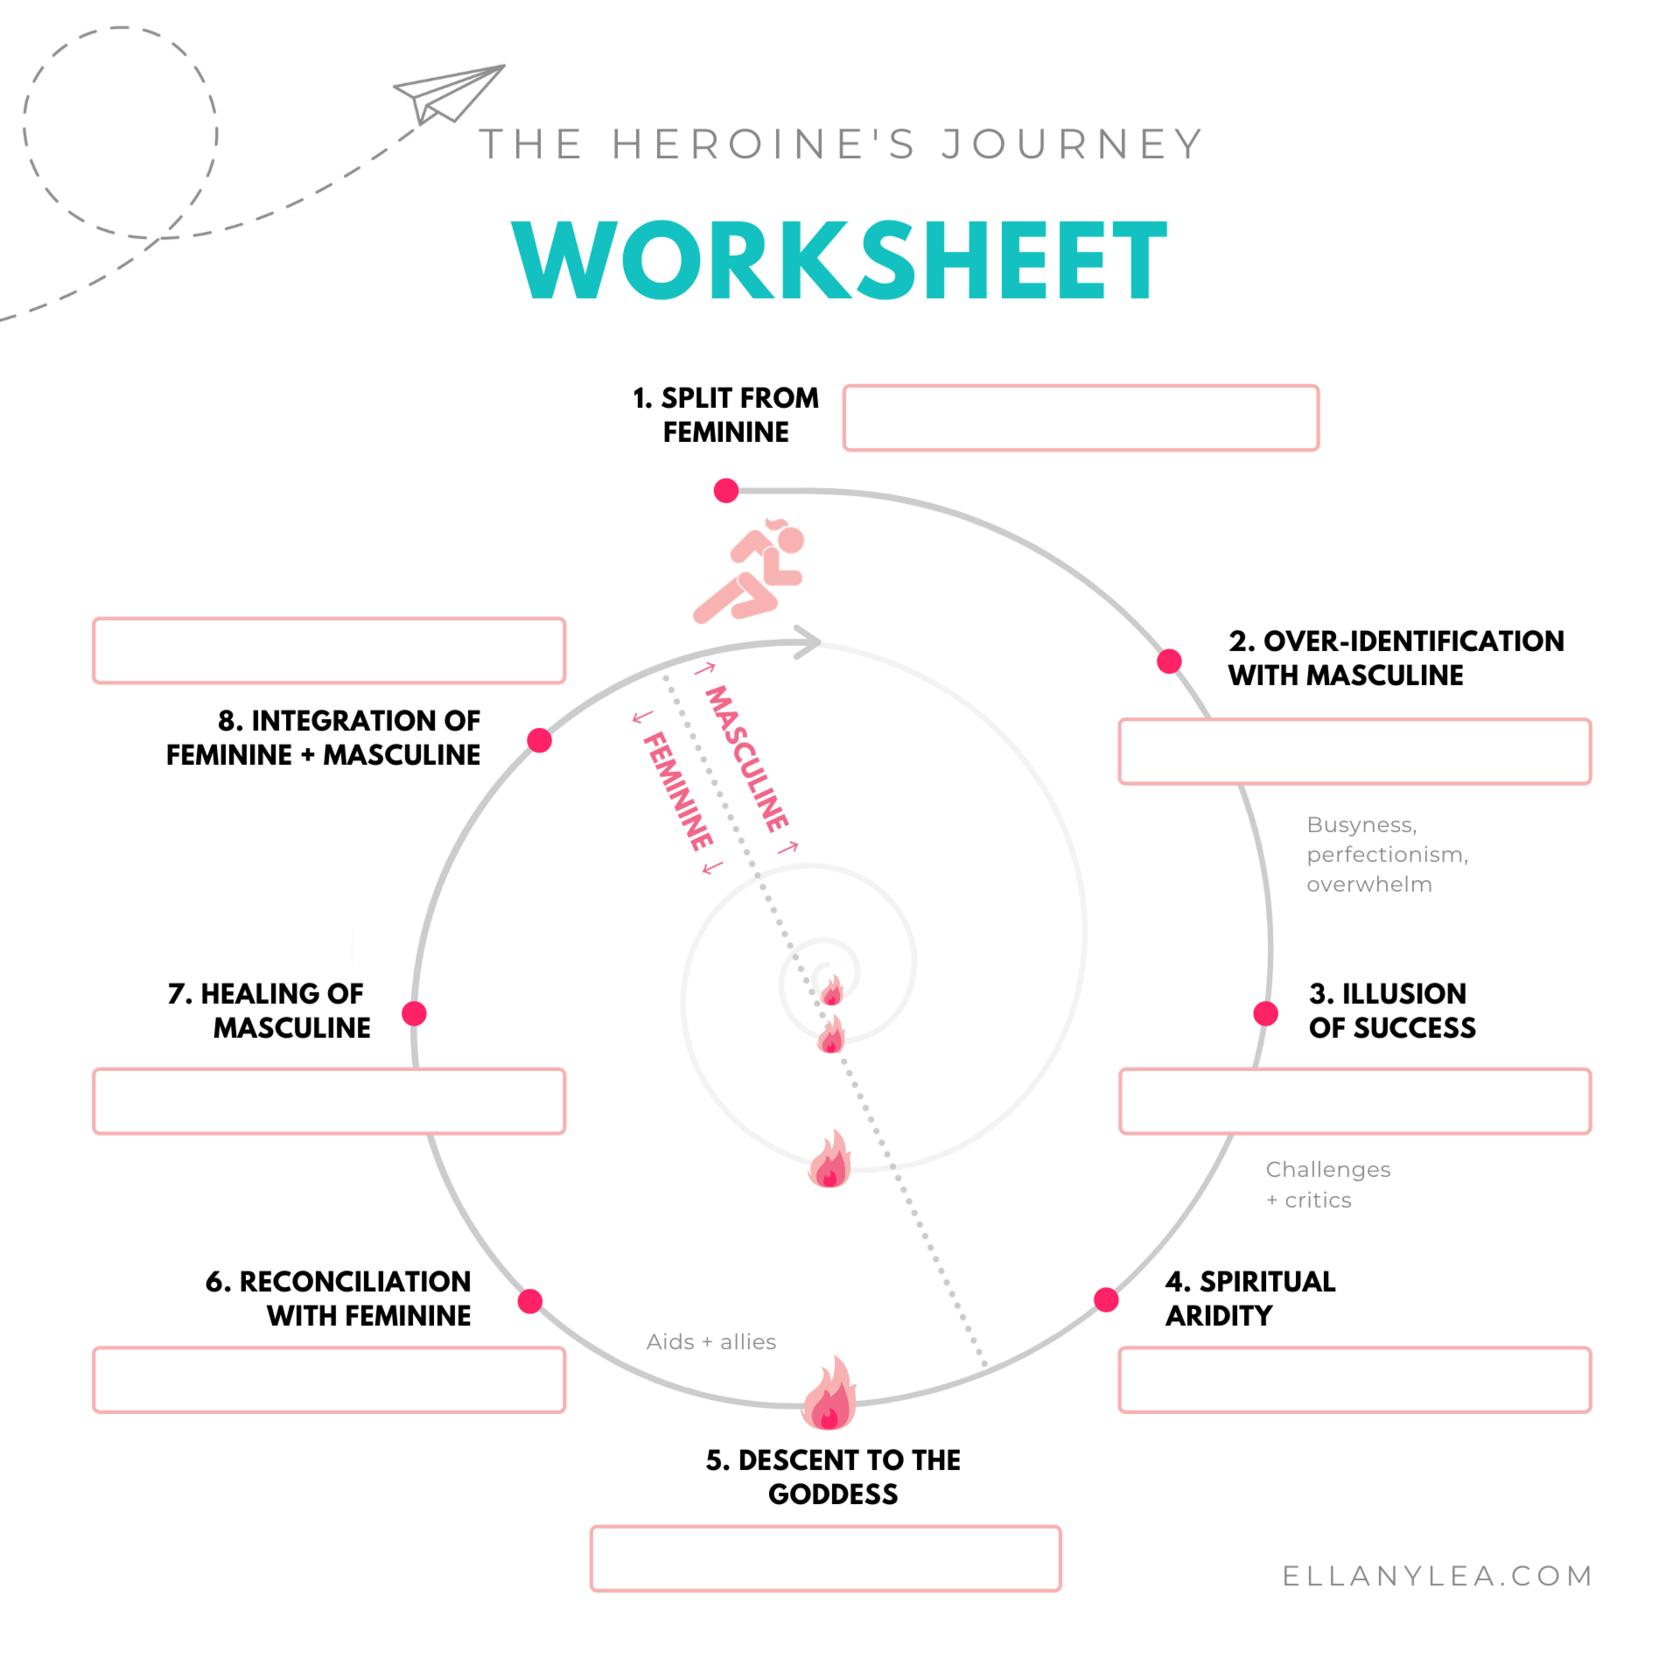 Worksheet - Heroines Journey